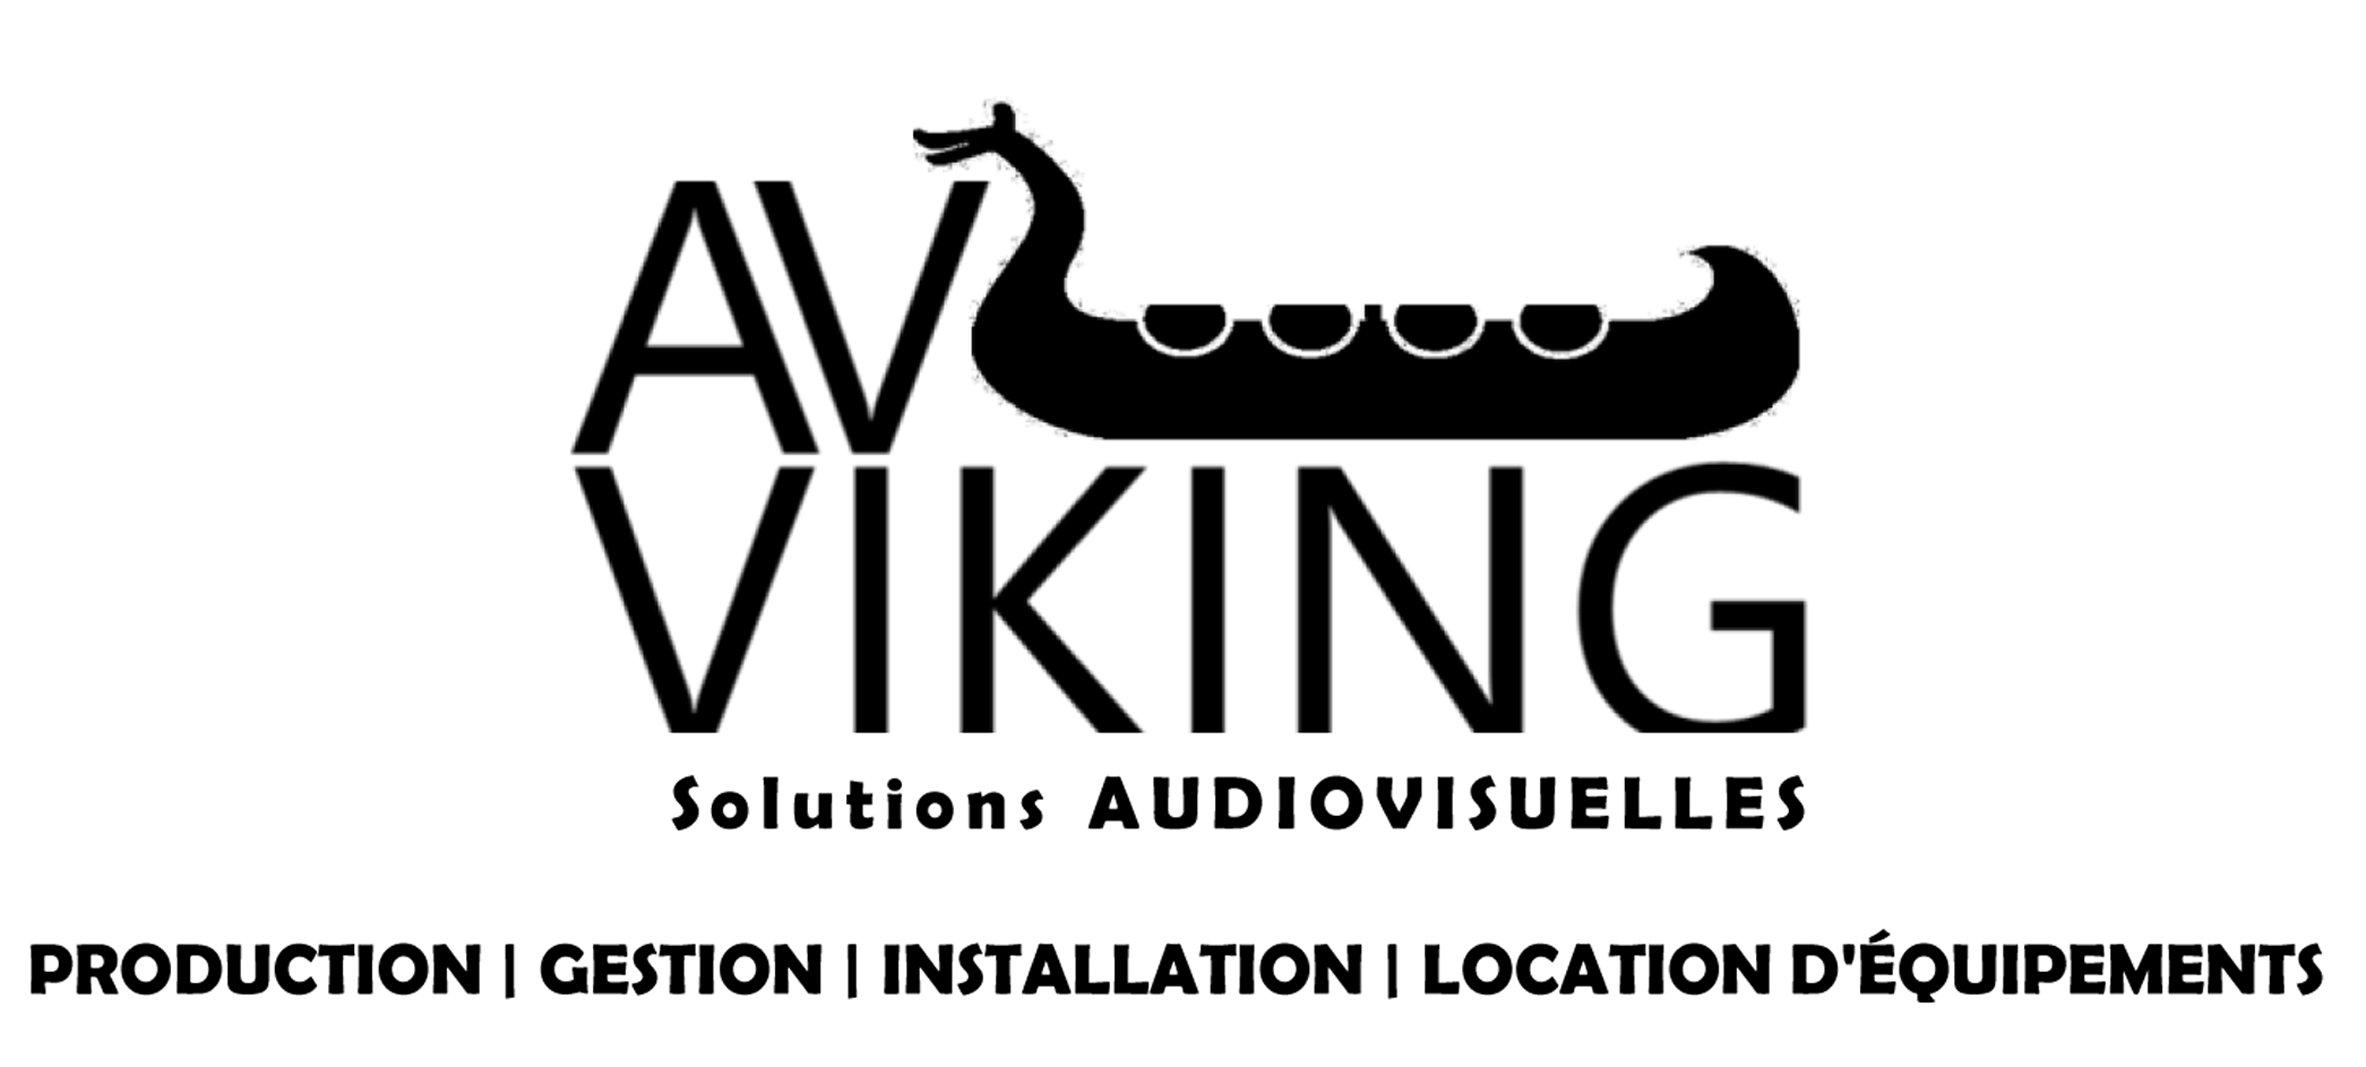 Av Viking